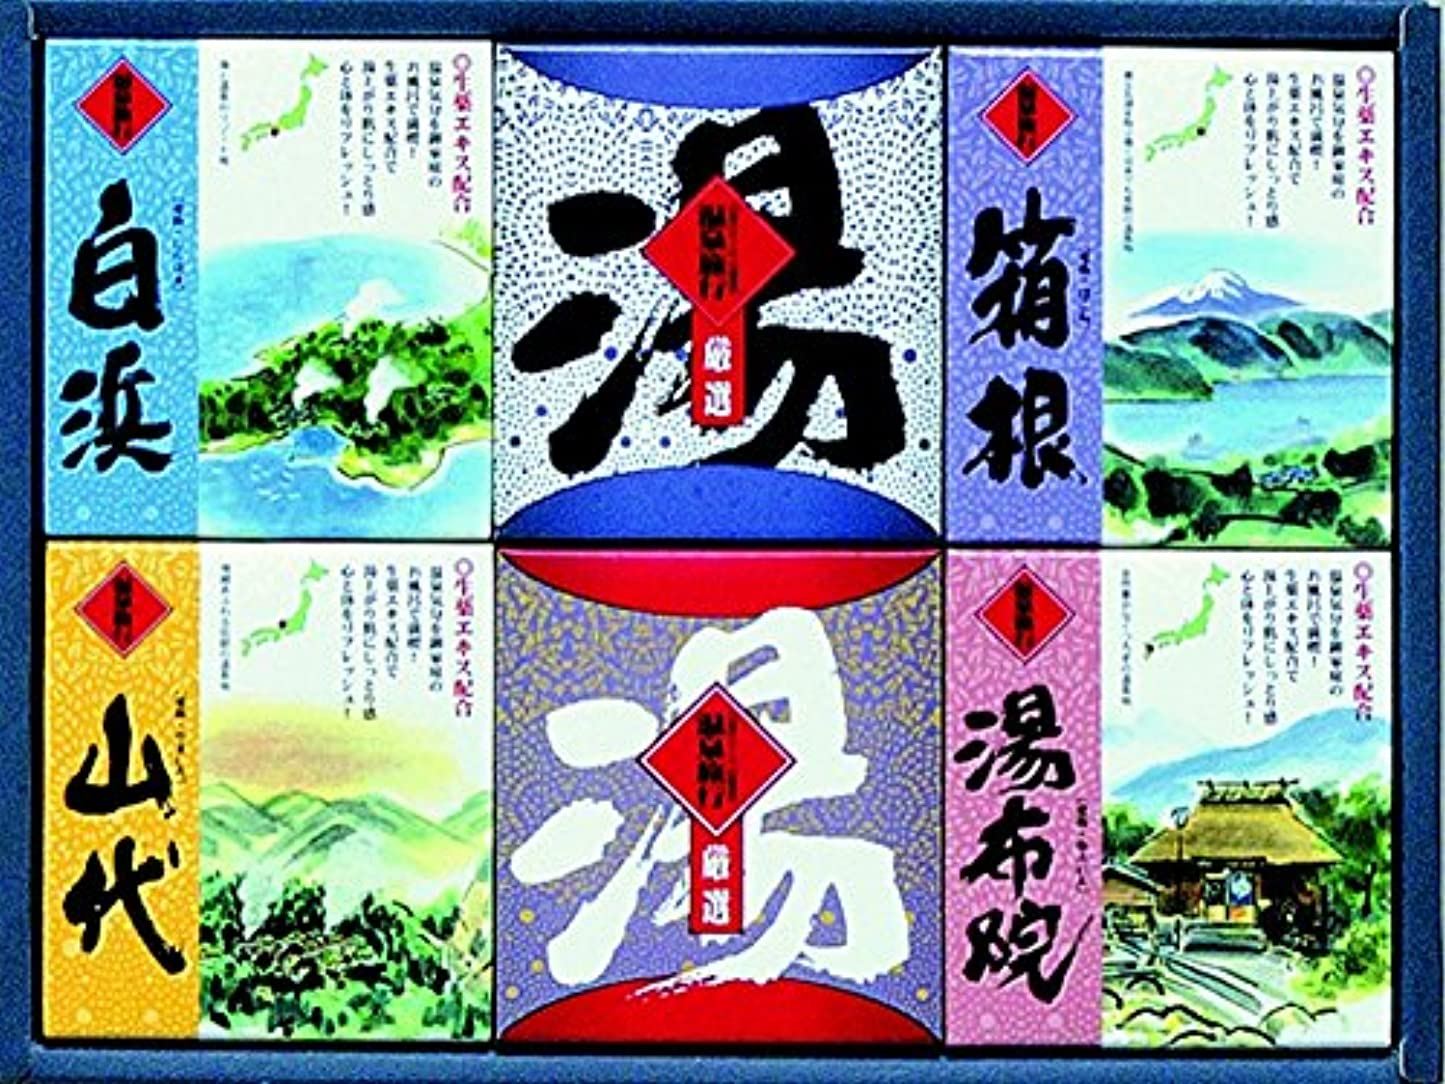 メカニック叙情的なオーケストラ温泉旅行 ONR-20 [医薬部外品]